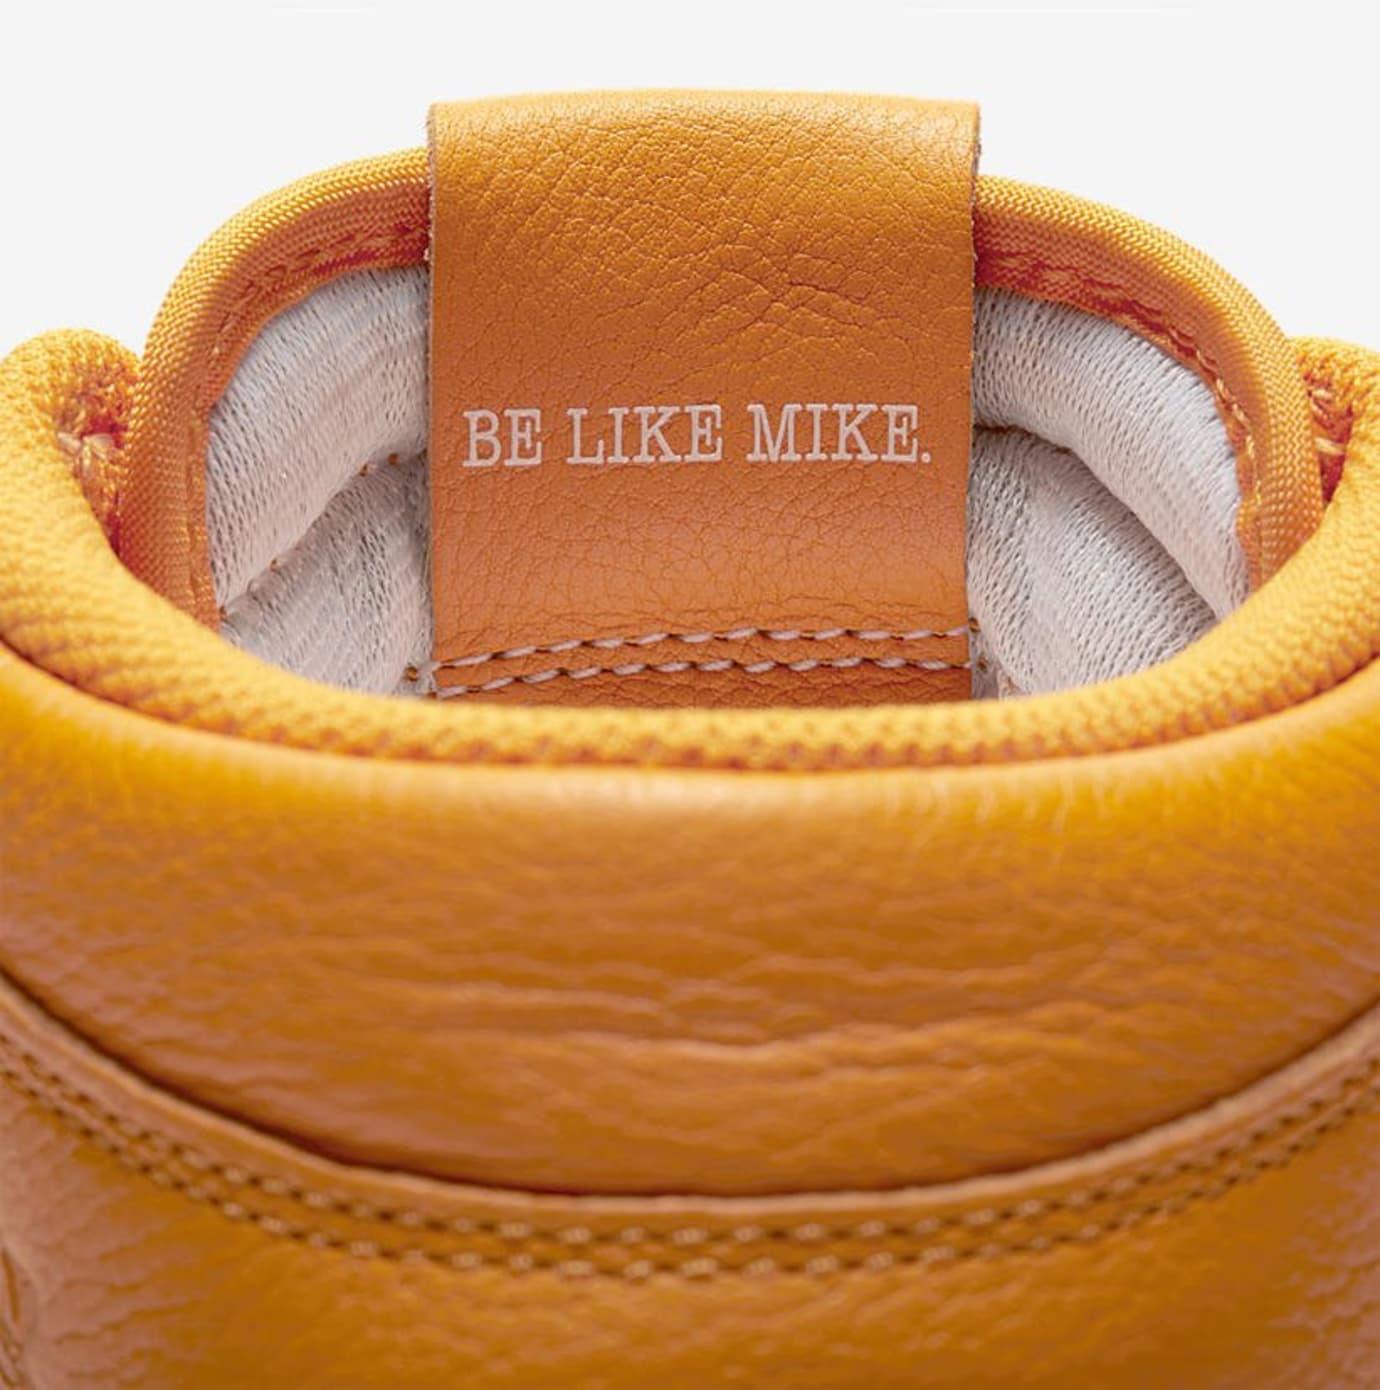 Air Jordan 1 Gatorade Orange Release Date AJ5997-880 Tongue